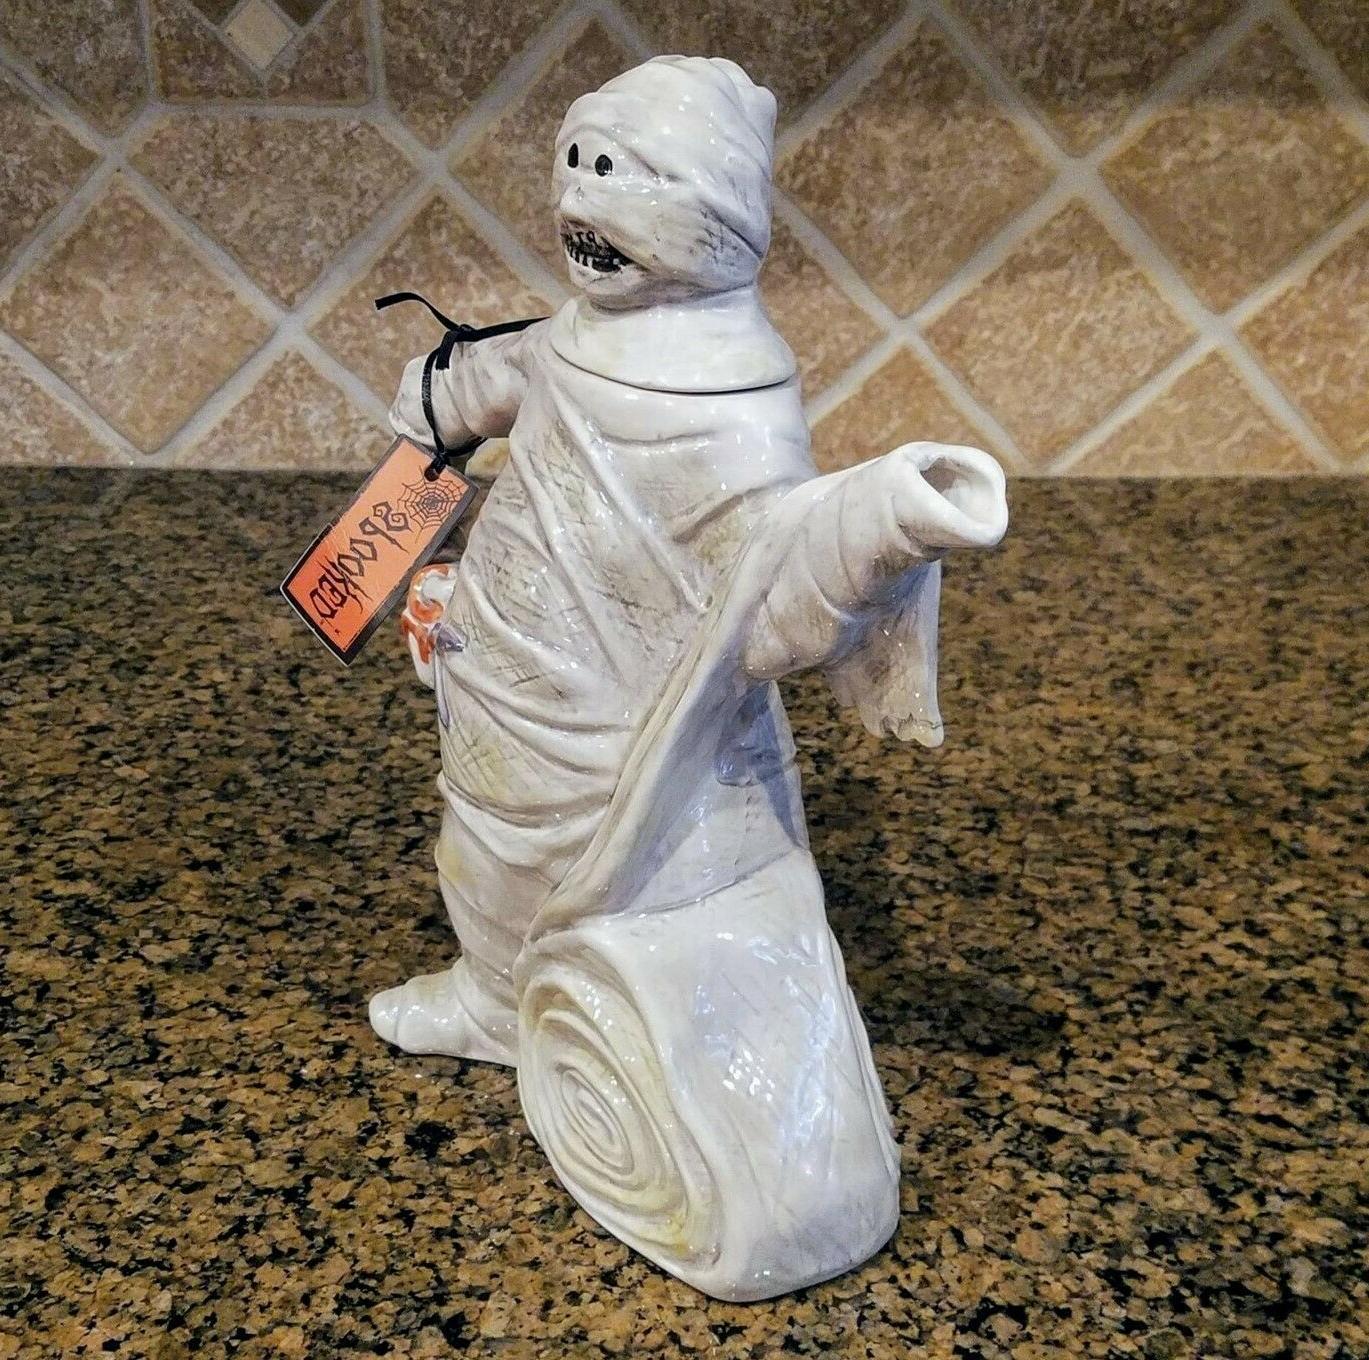 Mummy Teapot Halloween Goldminic Home Décor